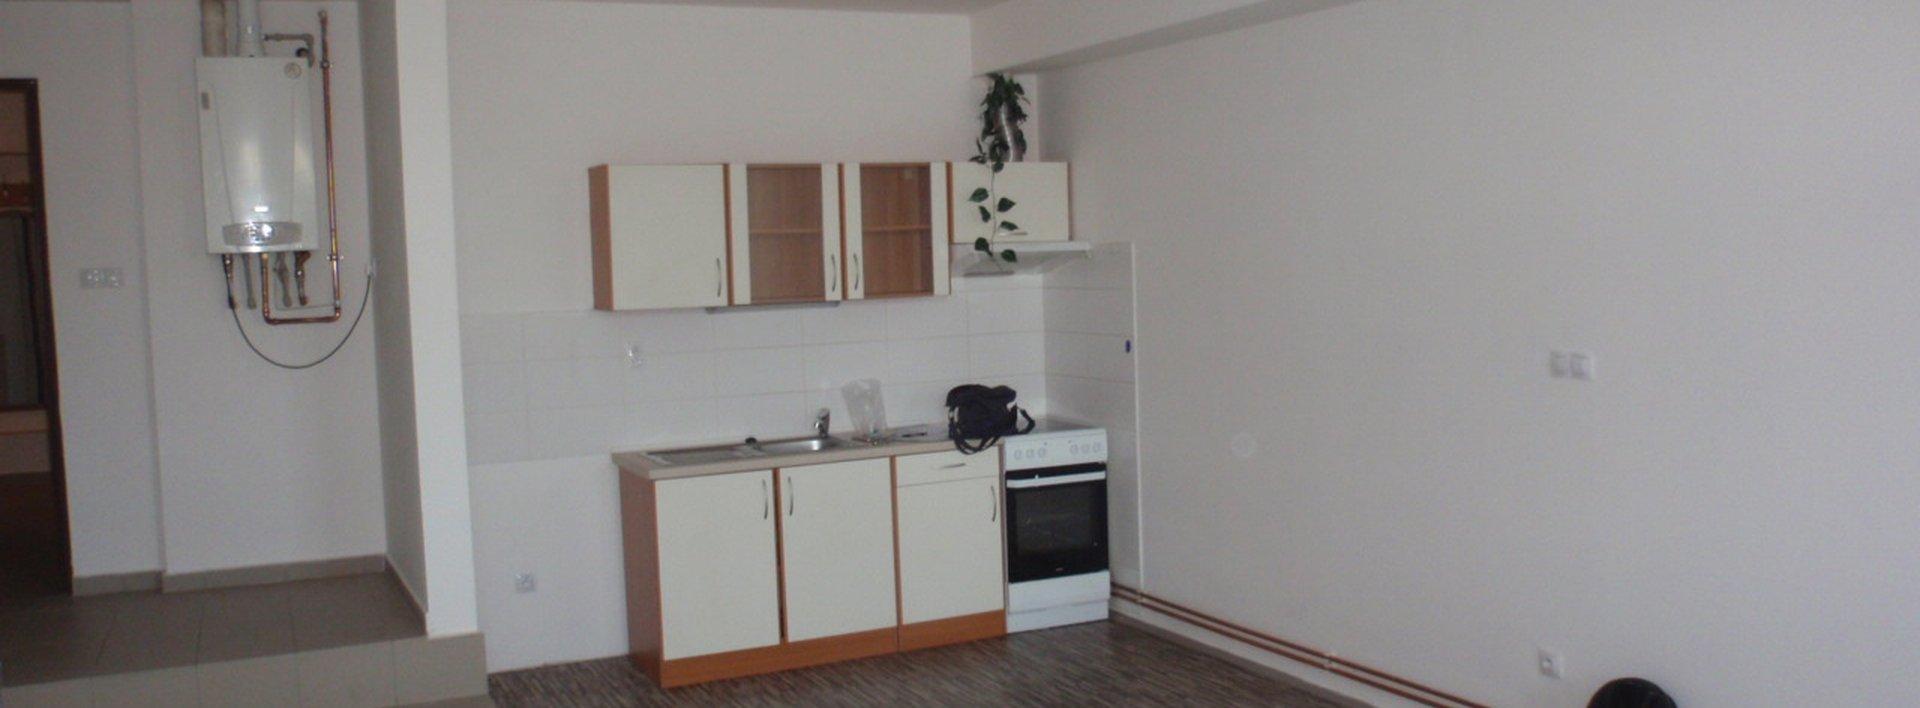 Pronájem bytu 1+kk, 48m² - ul. 1. máje, Liberec III-Jeřáb